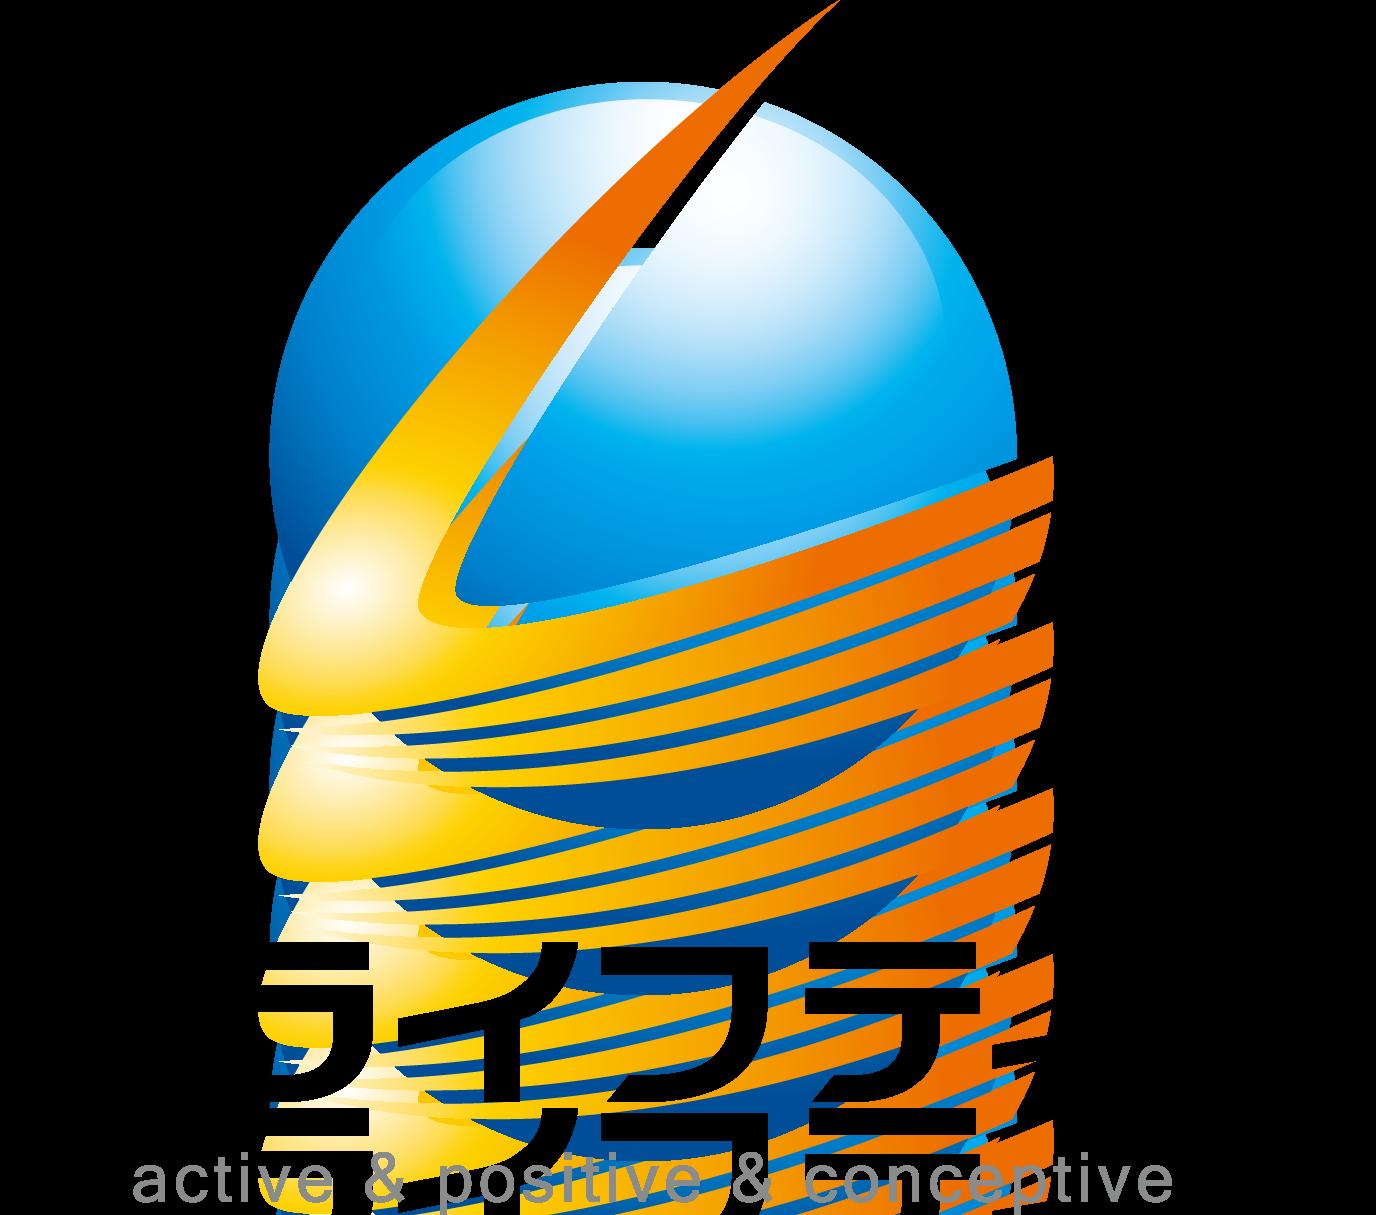 介護/福祉と近未来と青のロゴ